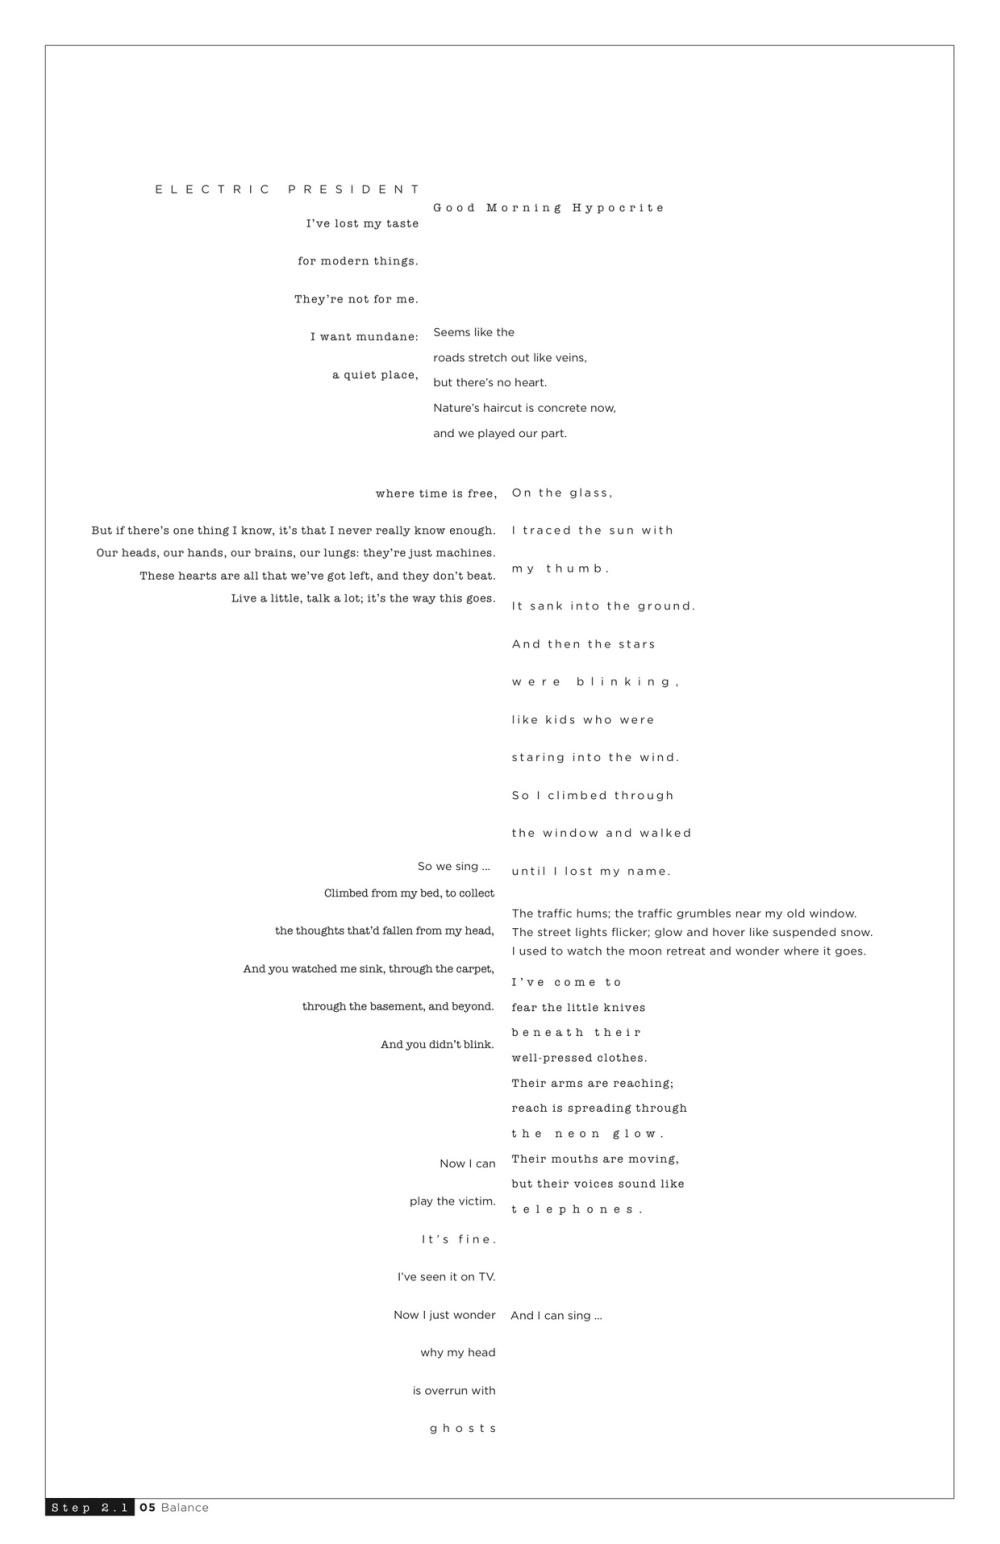 GoodMorningHypocrite_Study02_nambo